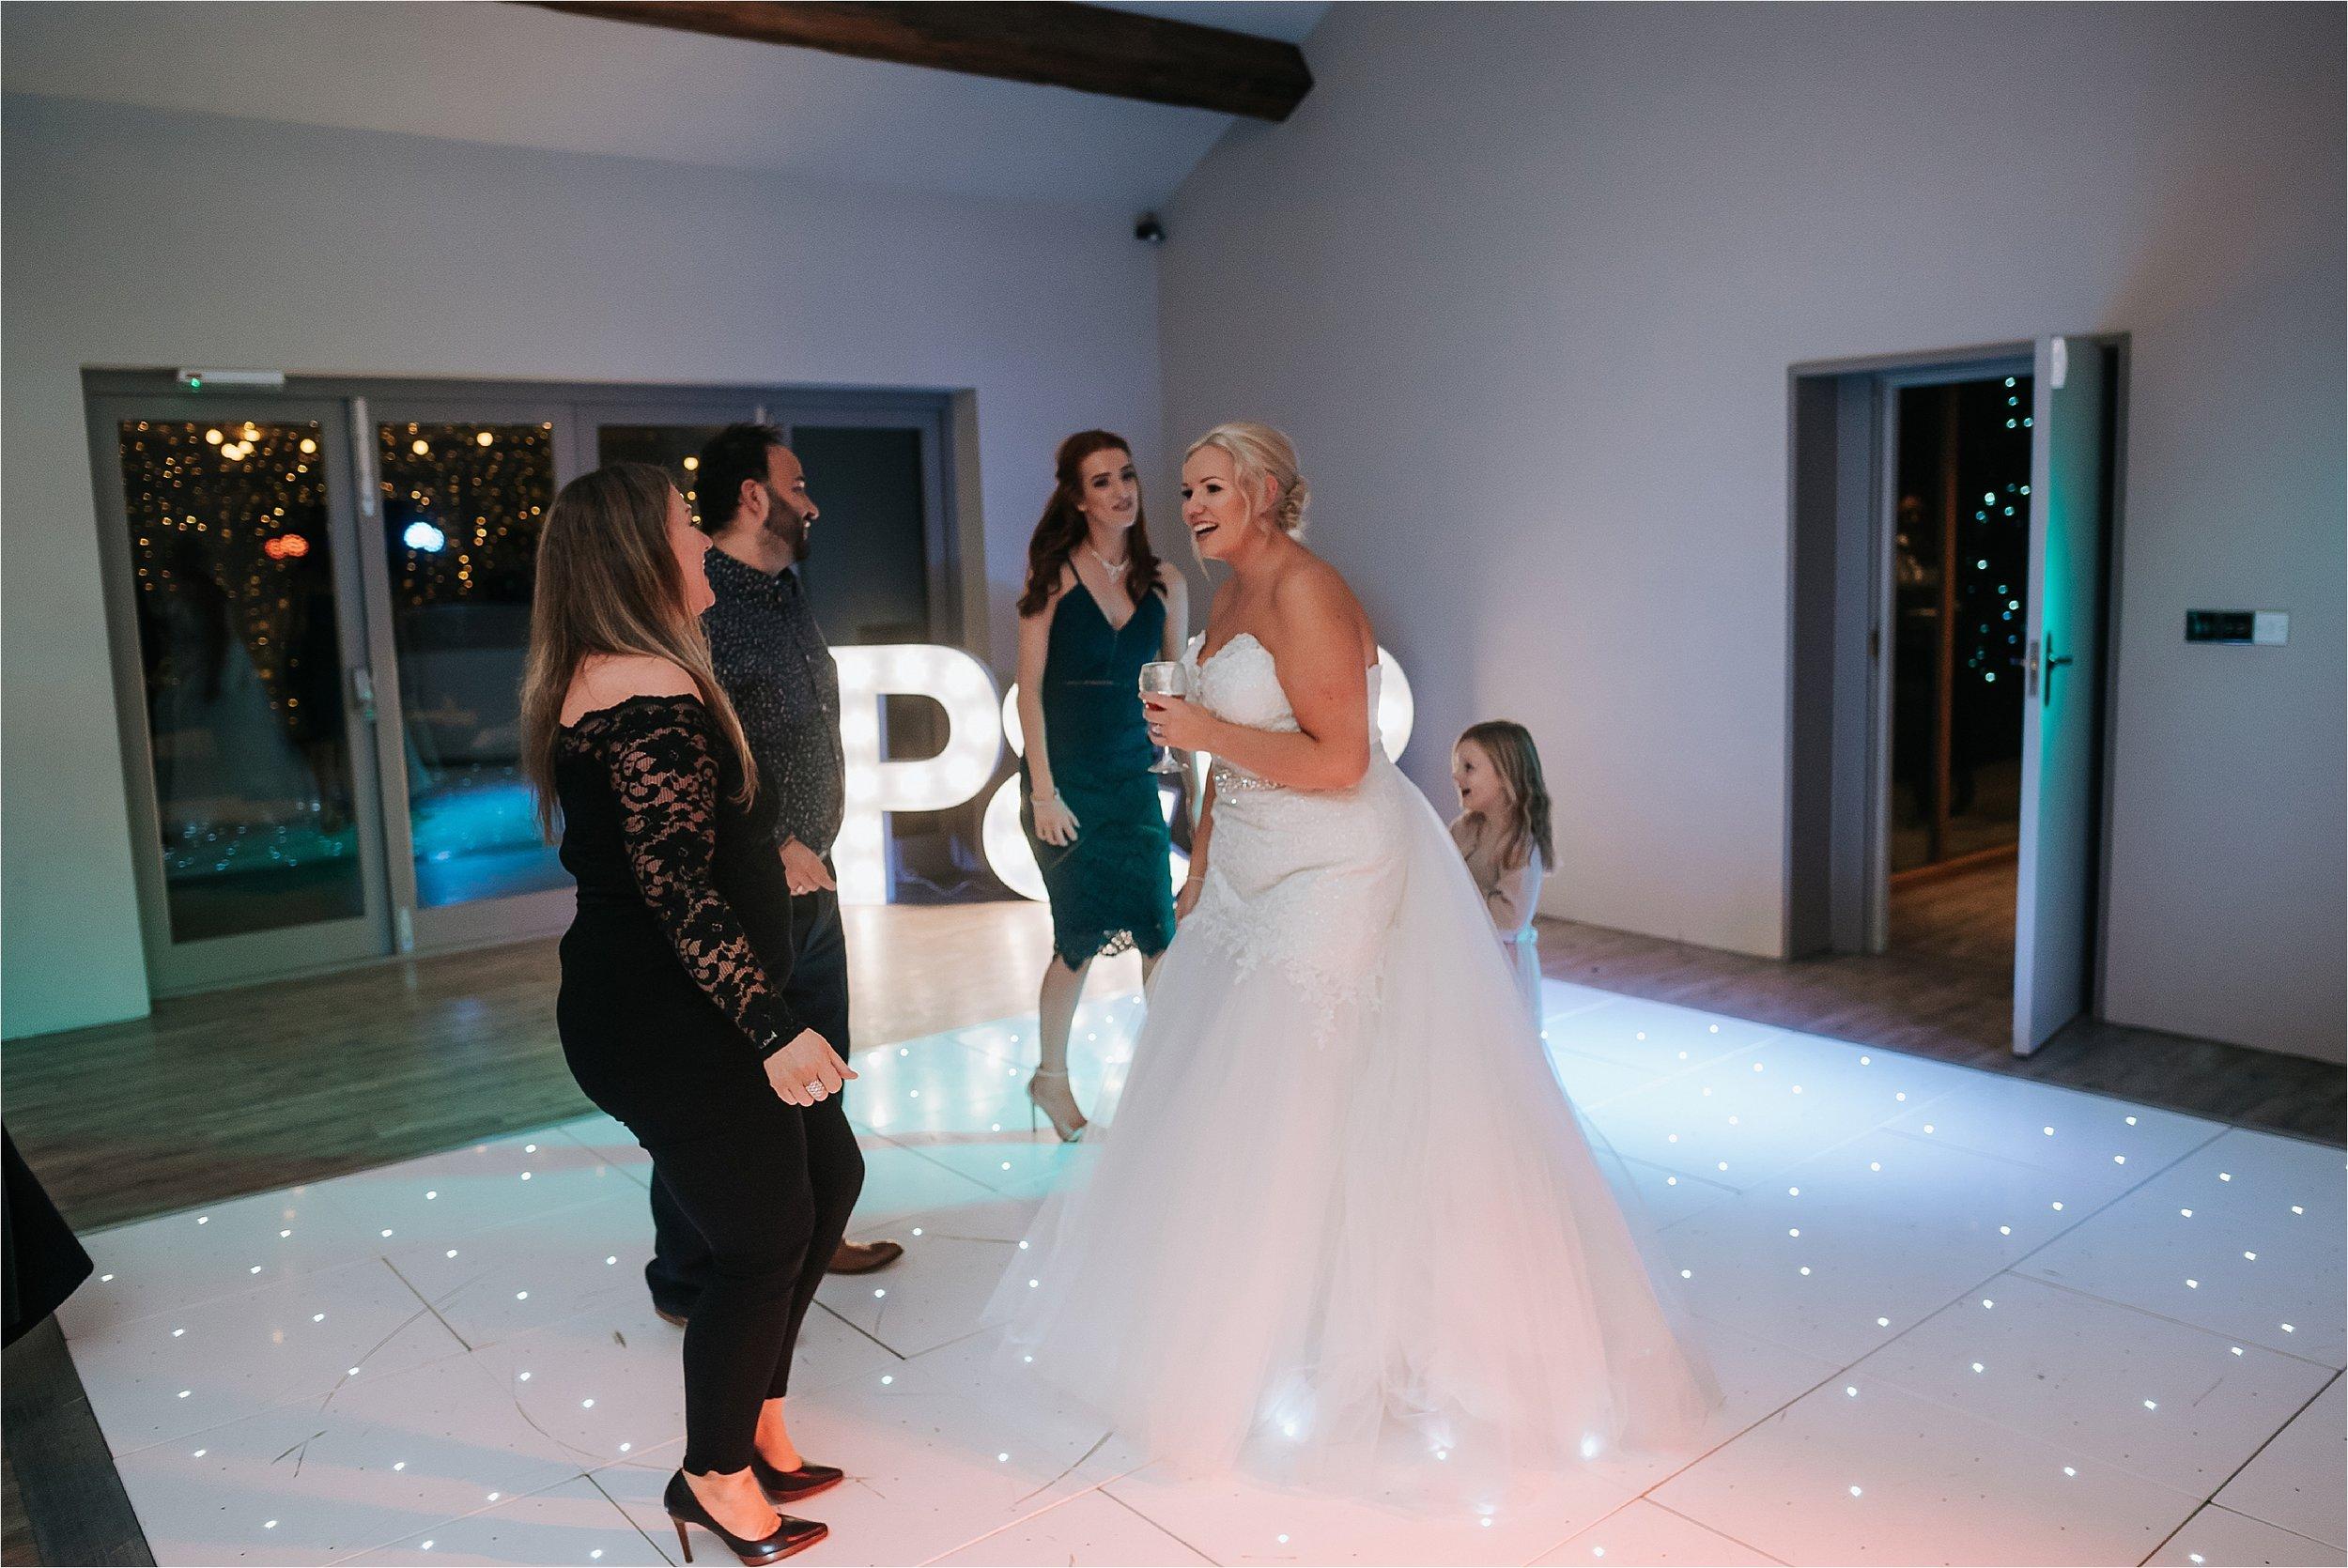 bride dancing on dance floor